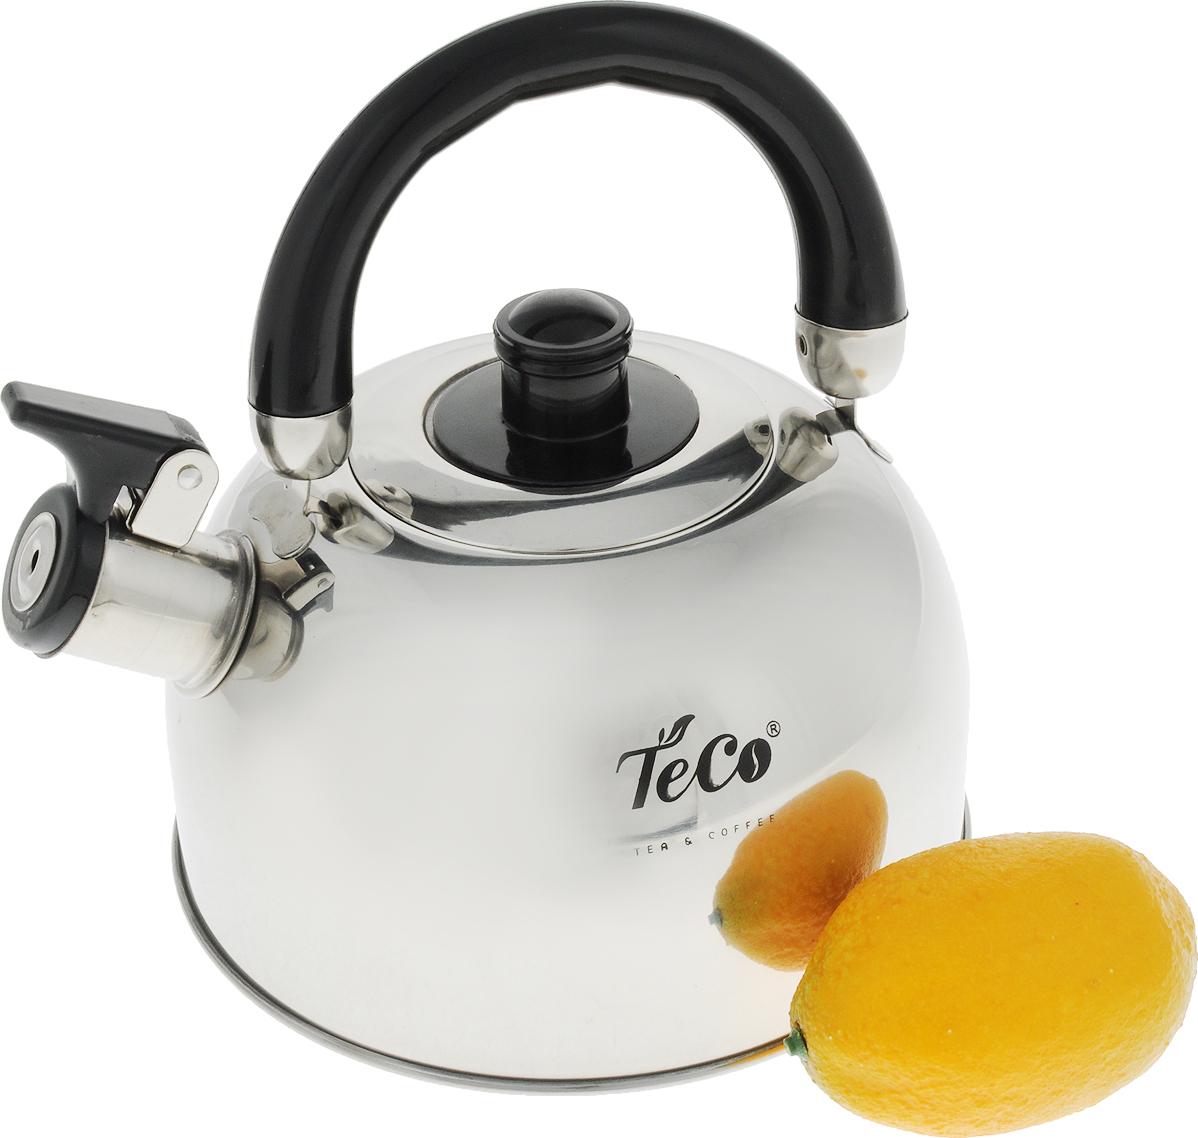 Чайник TECO, 2,0 л, со свистком, нержавеющая сталь